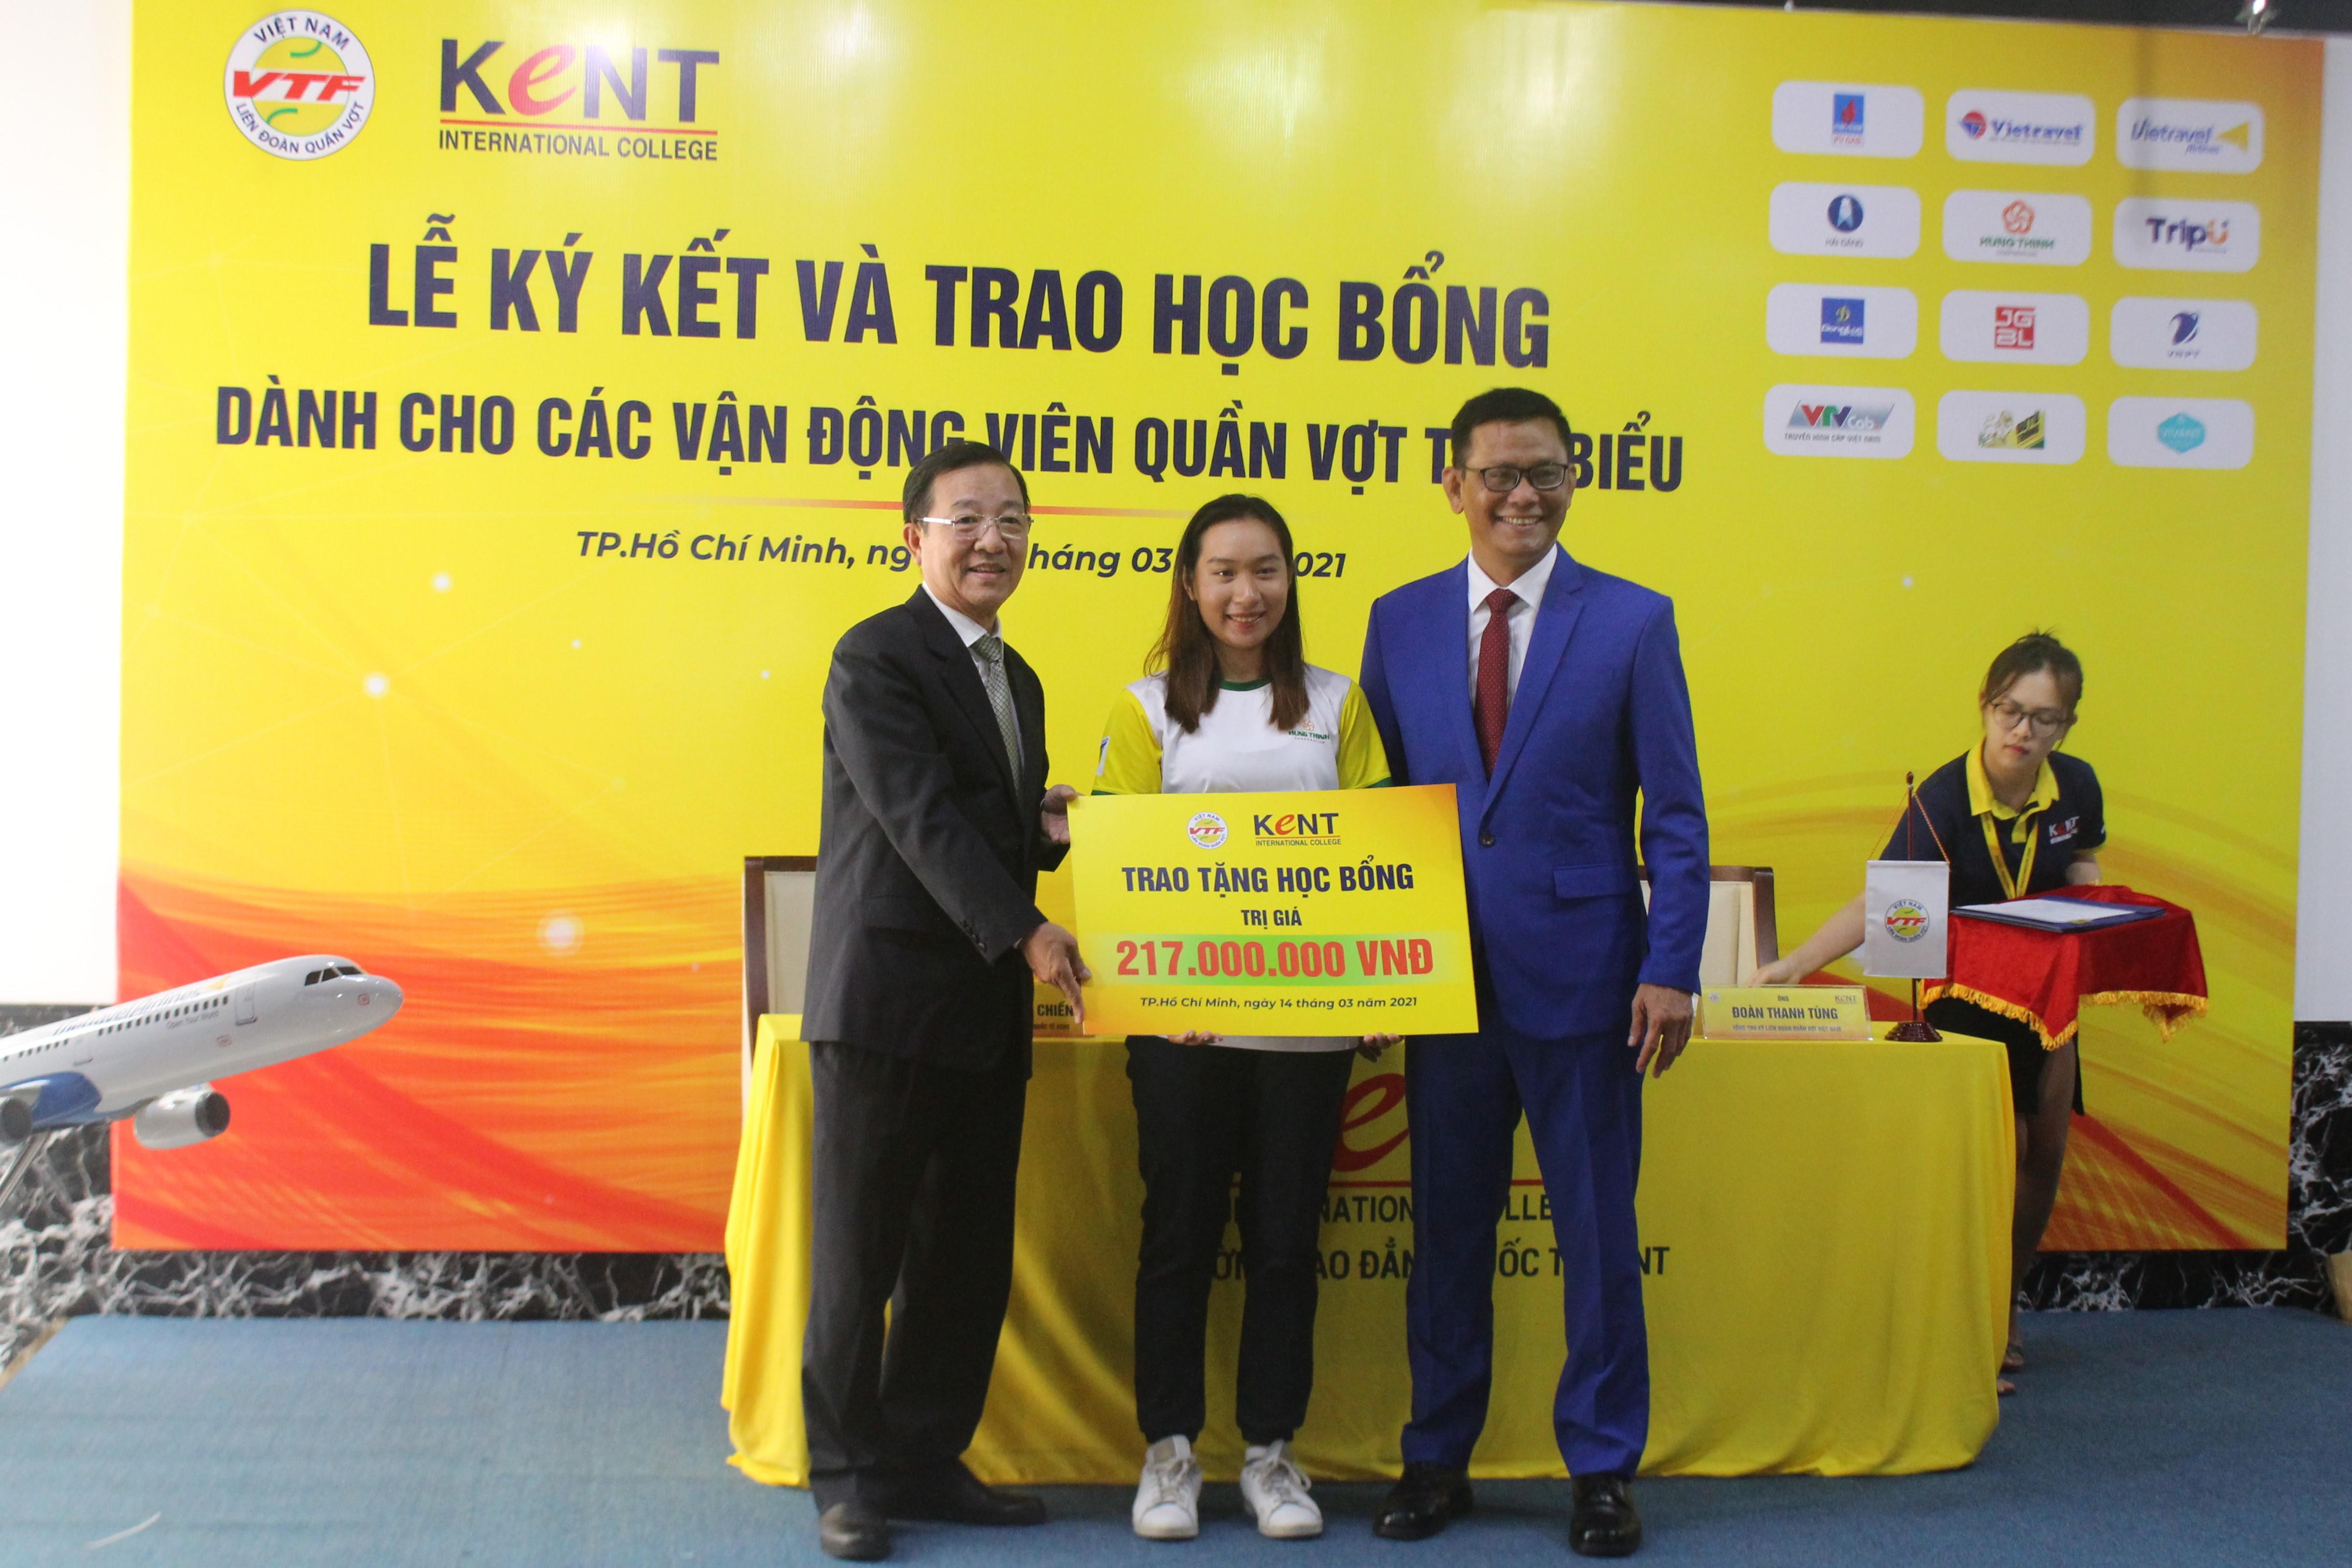 Hình ảnh: Lý Hoàng Nam cùng 3 VĐV quần vợt nhận học bổng của trường Cao đẳng Quốc tế Kent số 2